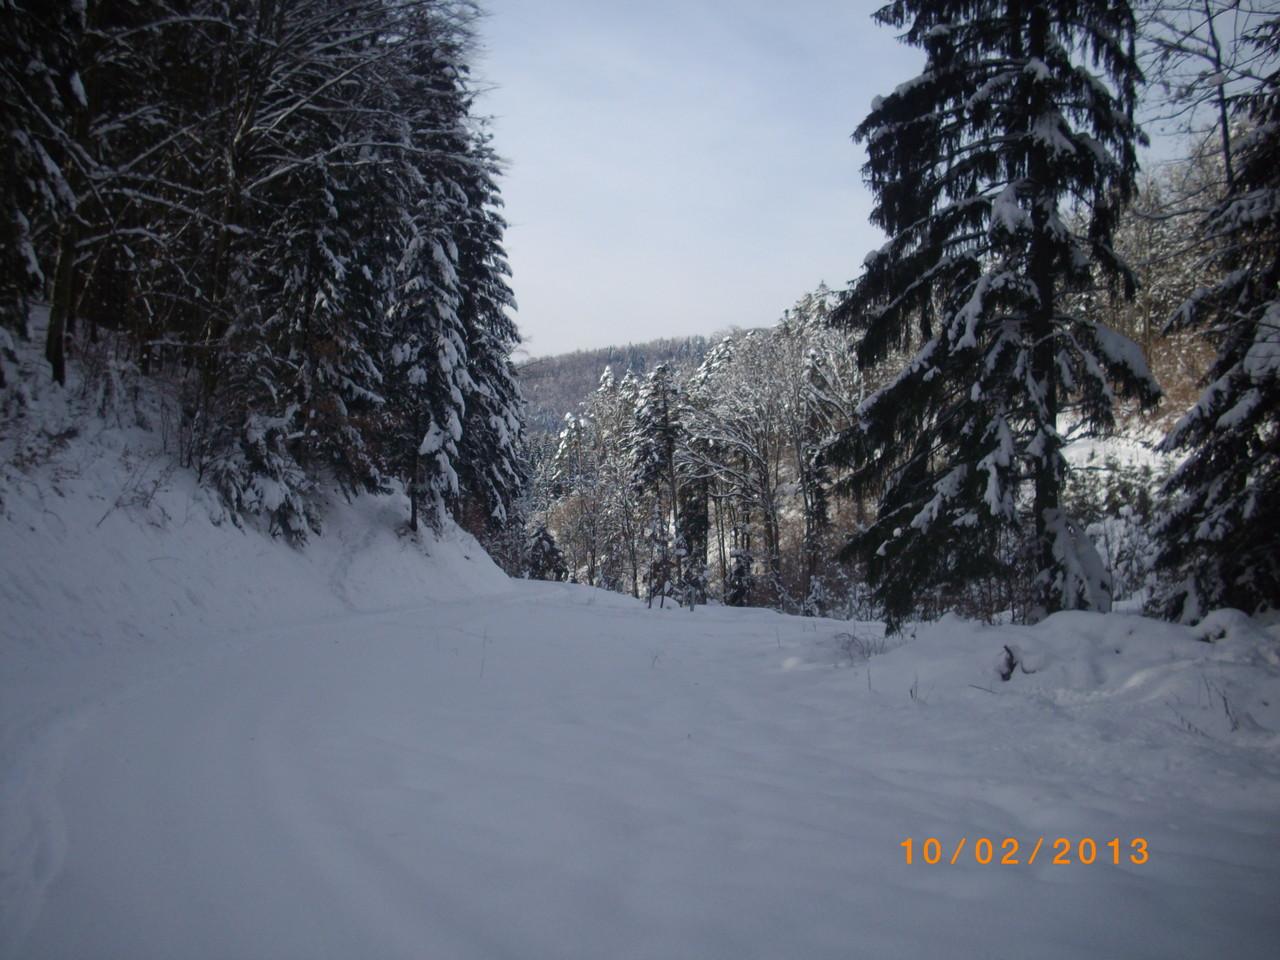 Wolfristhütte N 47° 39.354 E 007° 54.906